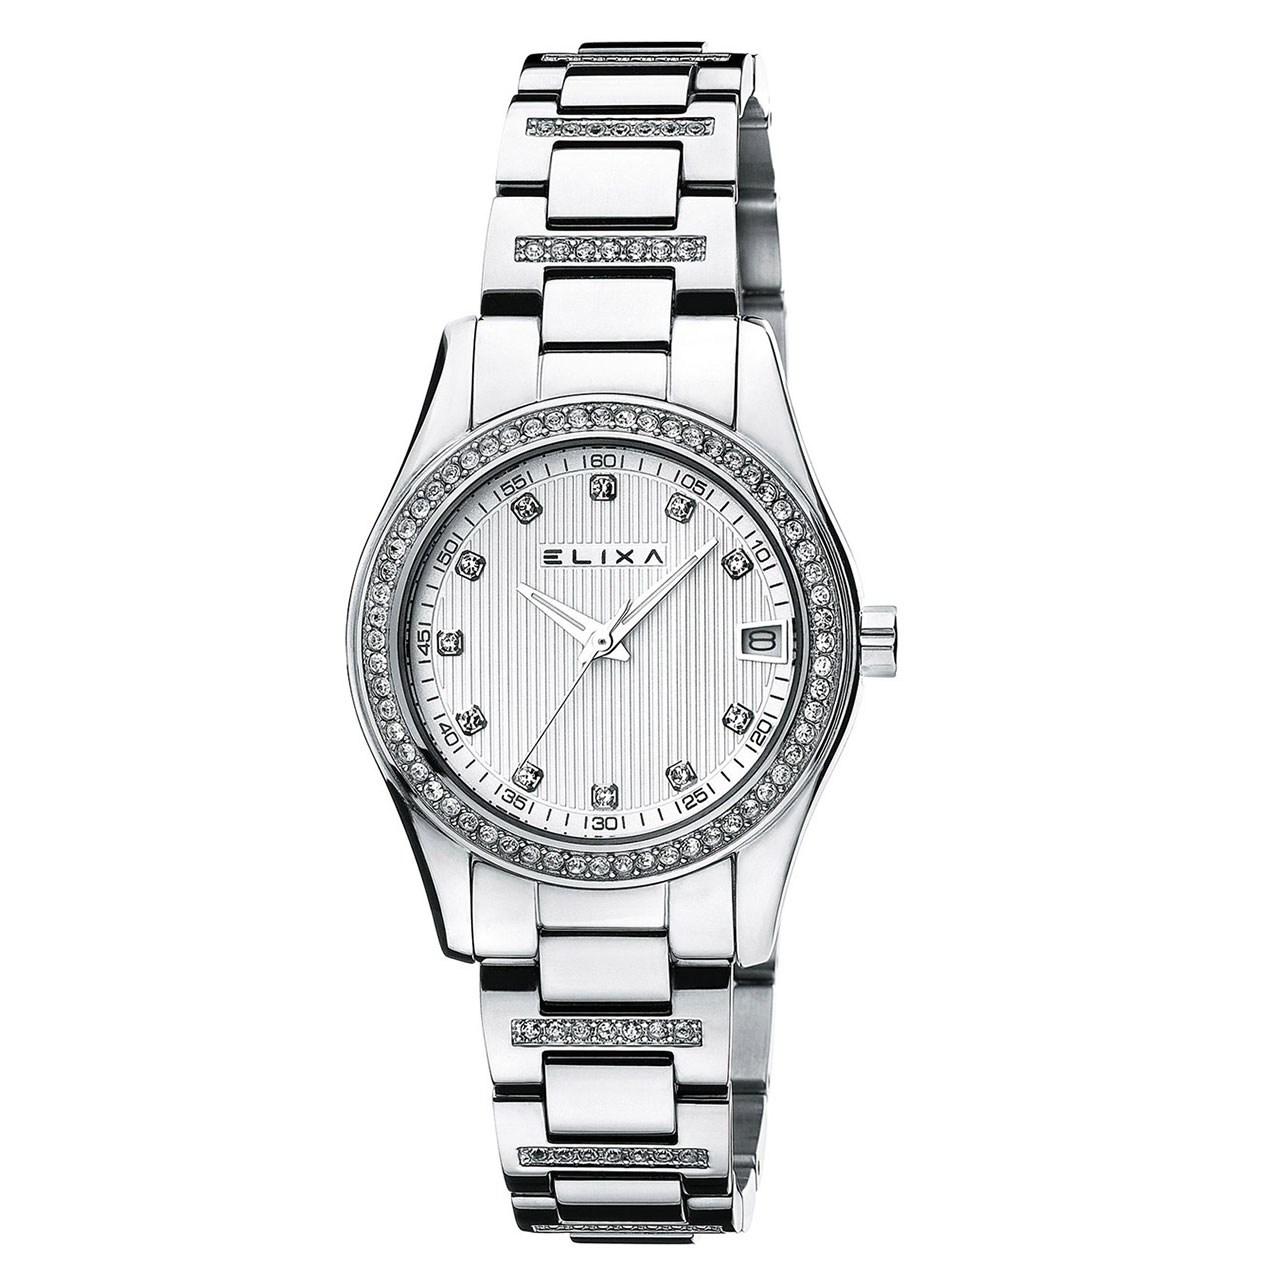 ساعت مچی عقربه ای زنانه الیکسا مدل E055-L167